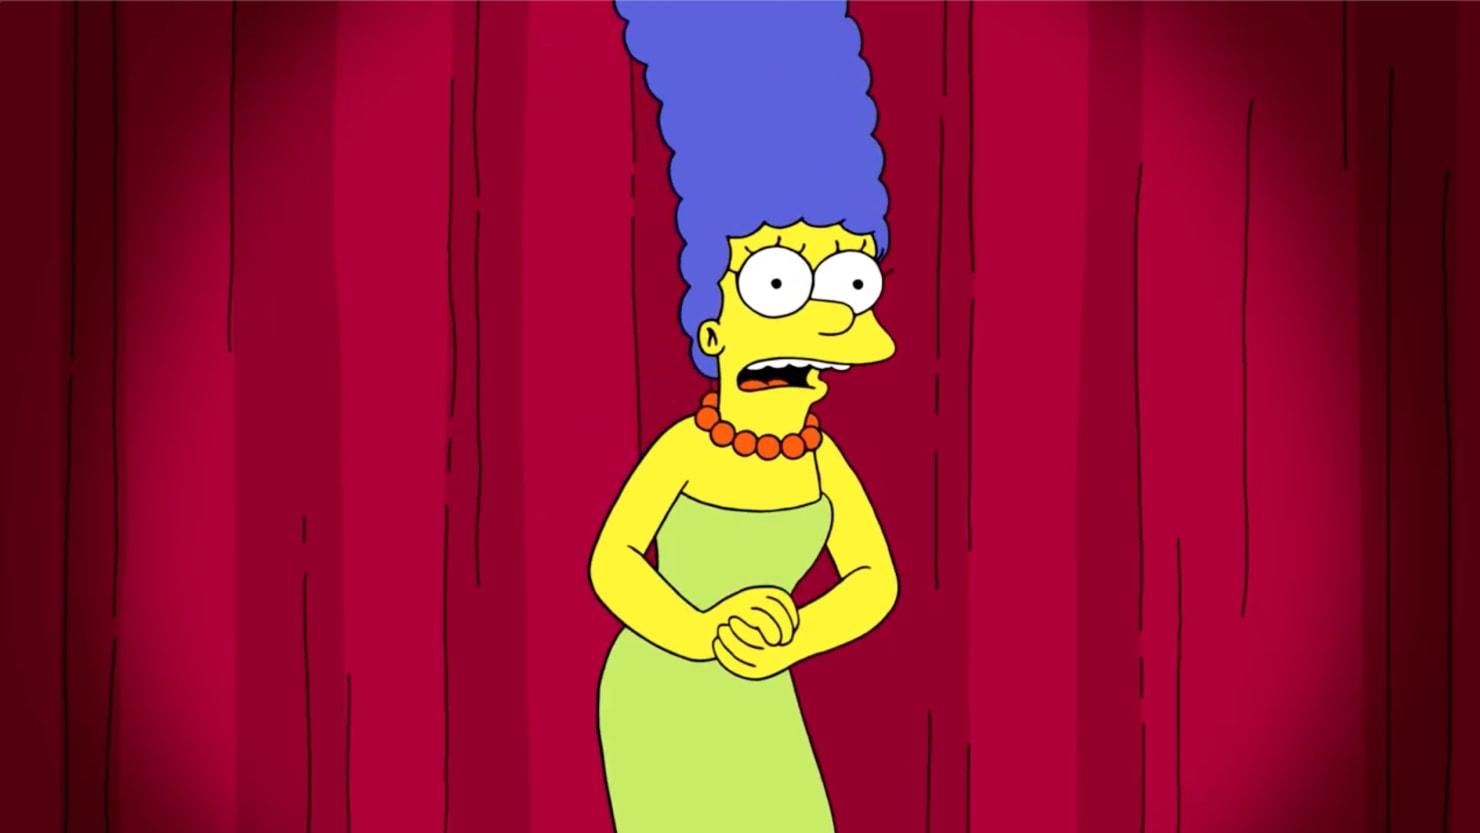 Marge Simpson Fires Back at Trump Adviser for Kamala Dig